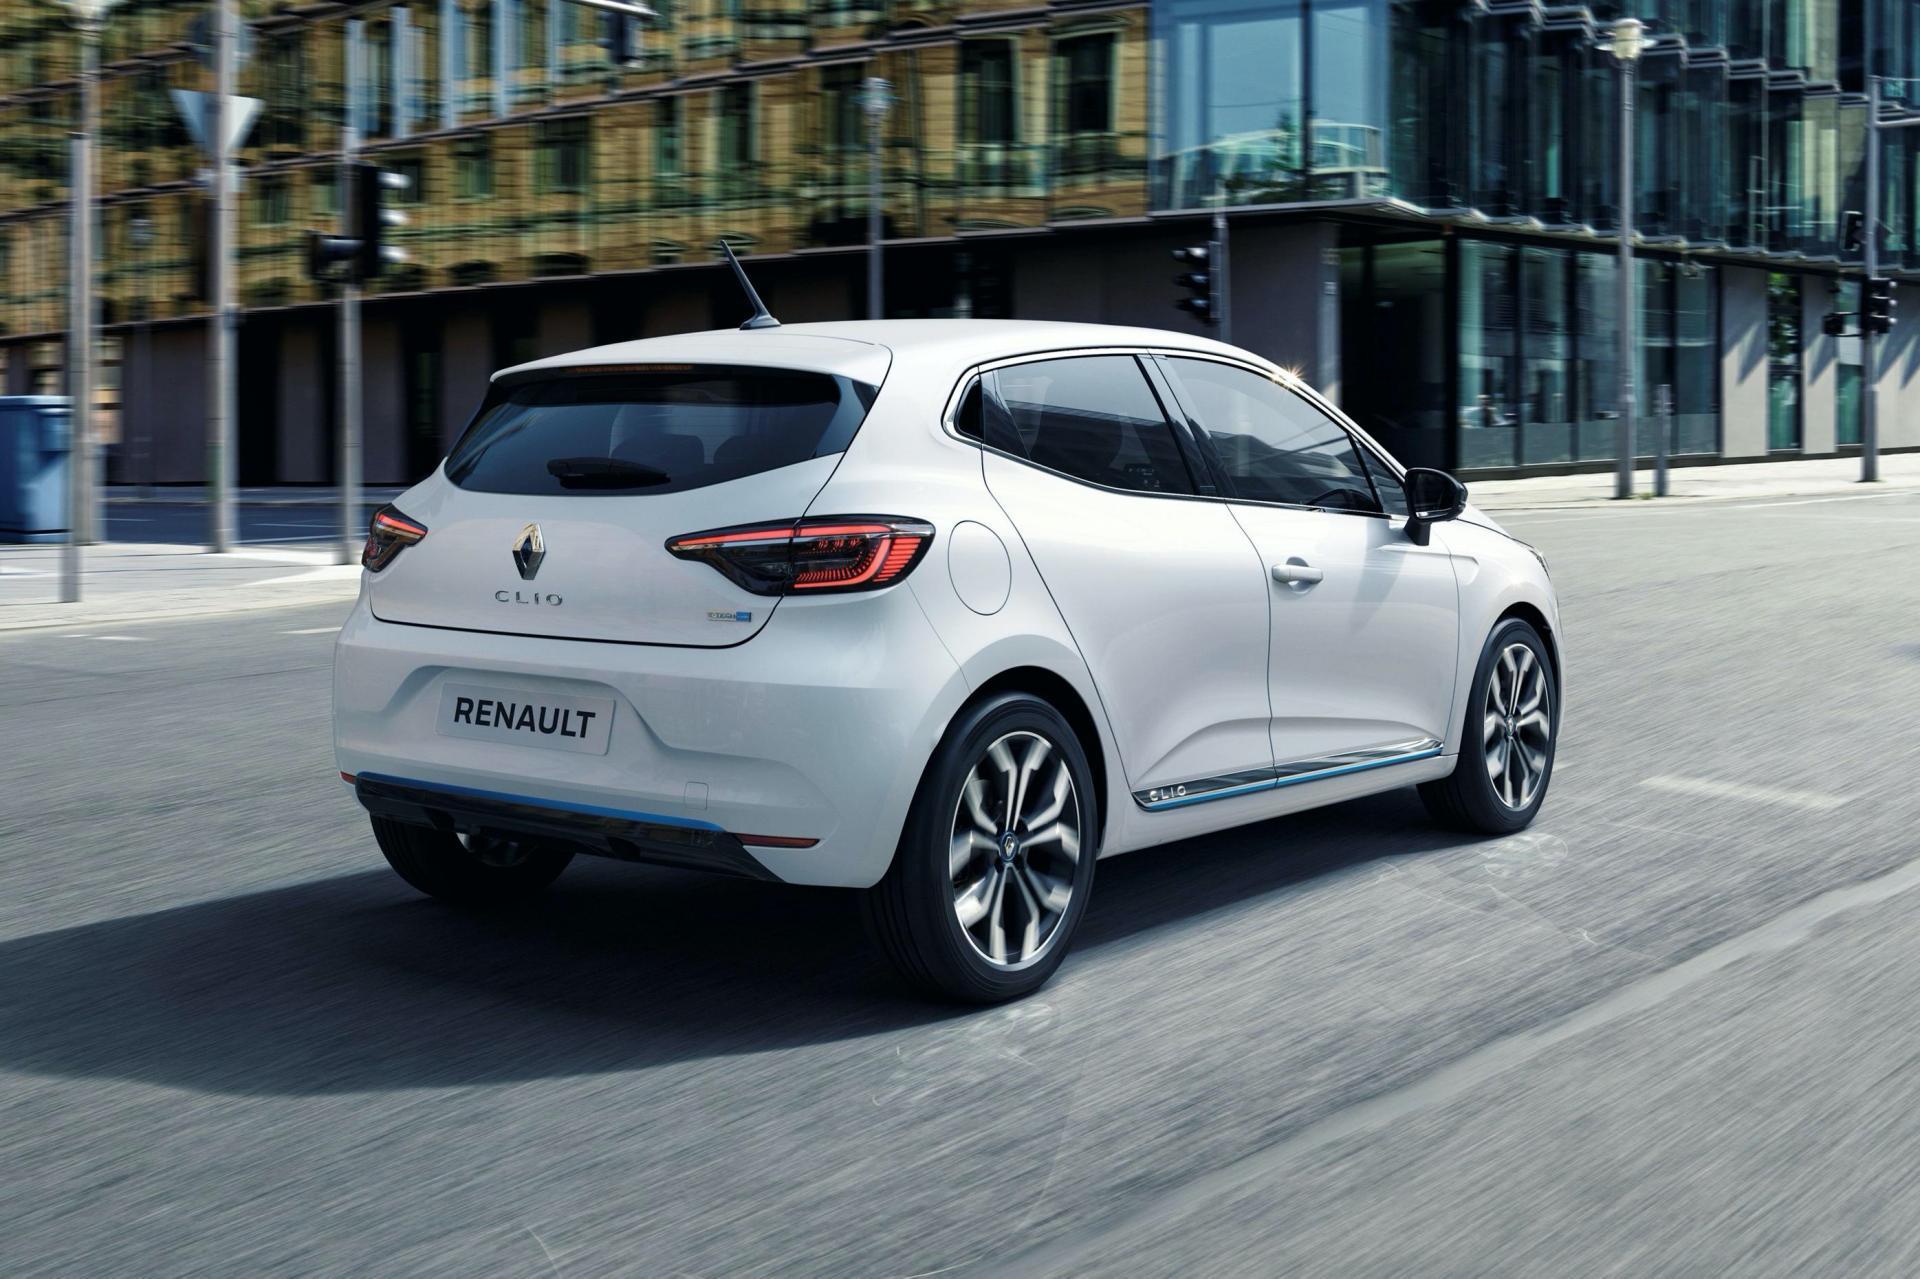 2020-Renault-Clio-E-Tech-hybrid-9